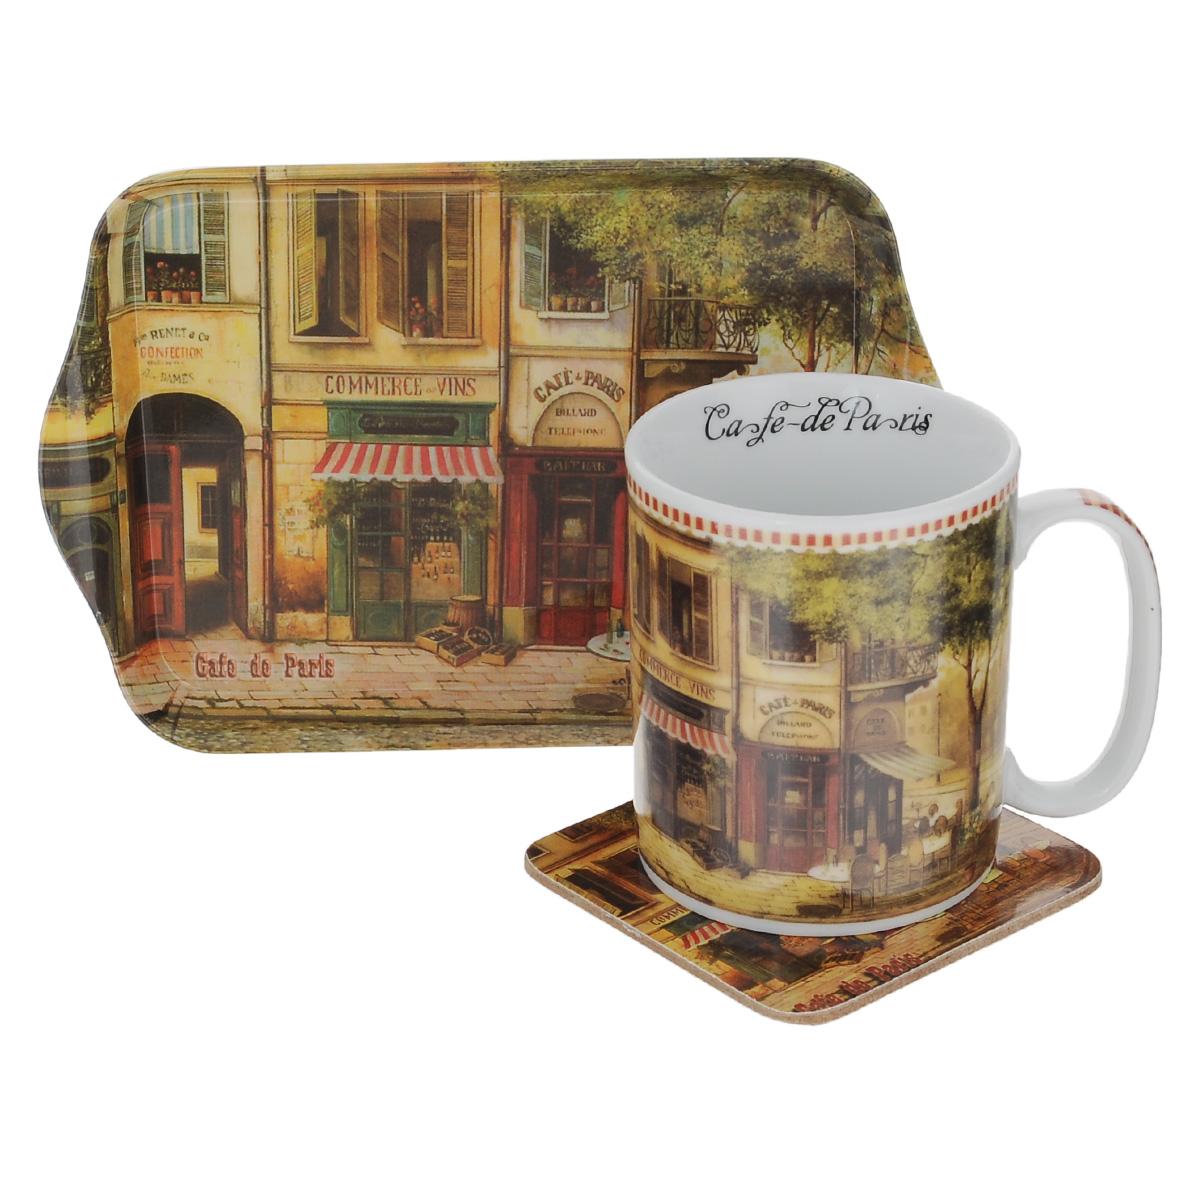 Набор чайный GiftnHome Парижское кафе, 3 предмета115610Чайный набор GiftnHome Парижское кафе состоит из кружки, подноса и подставки под кружку. Все изделия декорированы красочным изображением. Кружка изготовлена из высококачественного фарфора и оснащена удобной ручкой. Поднос изготовлен из высококачественного пластика и предназначен для красивой сервировки стола. Подставка под кружку изготовлена из пробки. Ламинированное покрытие подставки обеспечивает стойкость к высоким температурам. Такая подставка защитит поверхность стола от загрязнений и воздействия высоких температур напитка. Оригинальный набор порадует вас своим дизайном и станет неизменным атрибутом чаепития. Чайный набор GiftnHome Парижское кафе прекрасно подойдет в качестве сувенира и привнесет индивидуальности в обычную сервировку стола. Диаметр кружки: 8 см.Высота: 9,5 см.Объем: 300 мл. Размер подноса: 21 см х 14 см х 1,7 см. Размер подставки: 10 см х 10 см х 2 см.